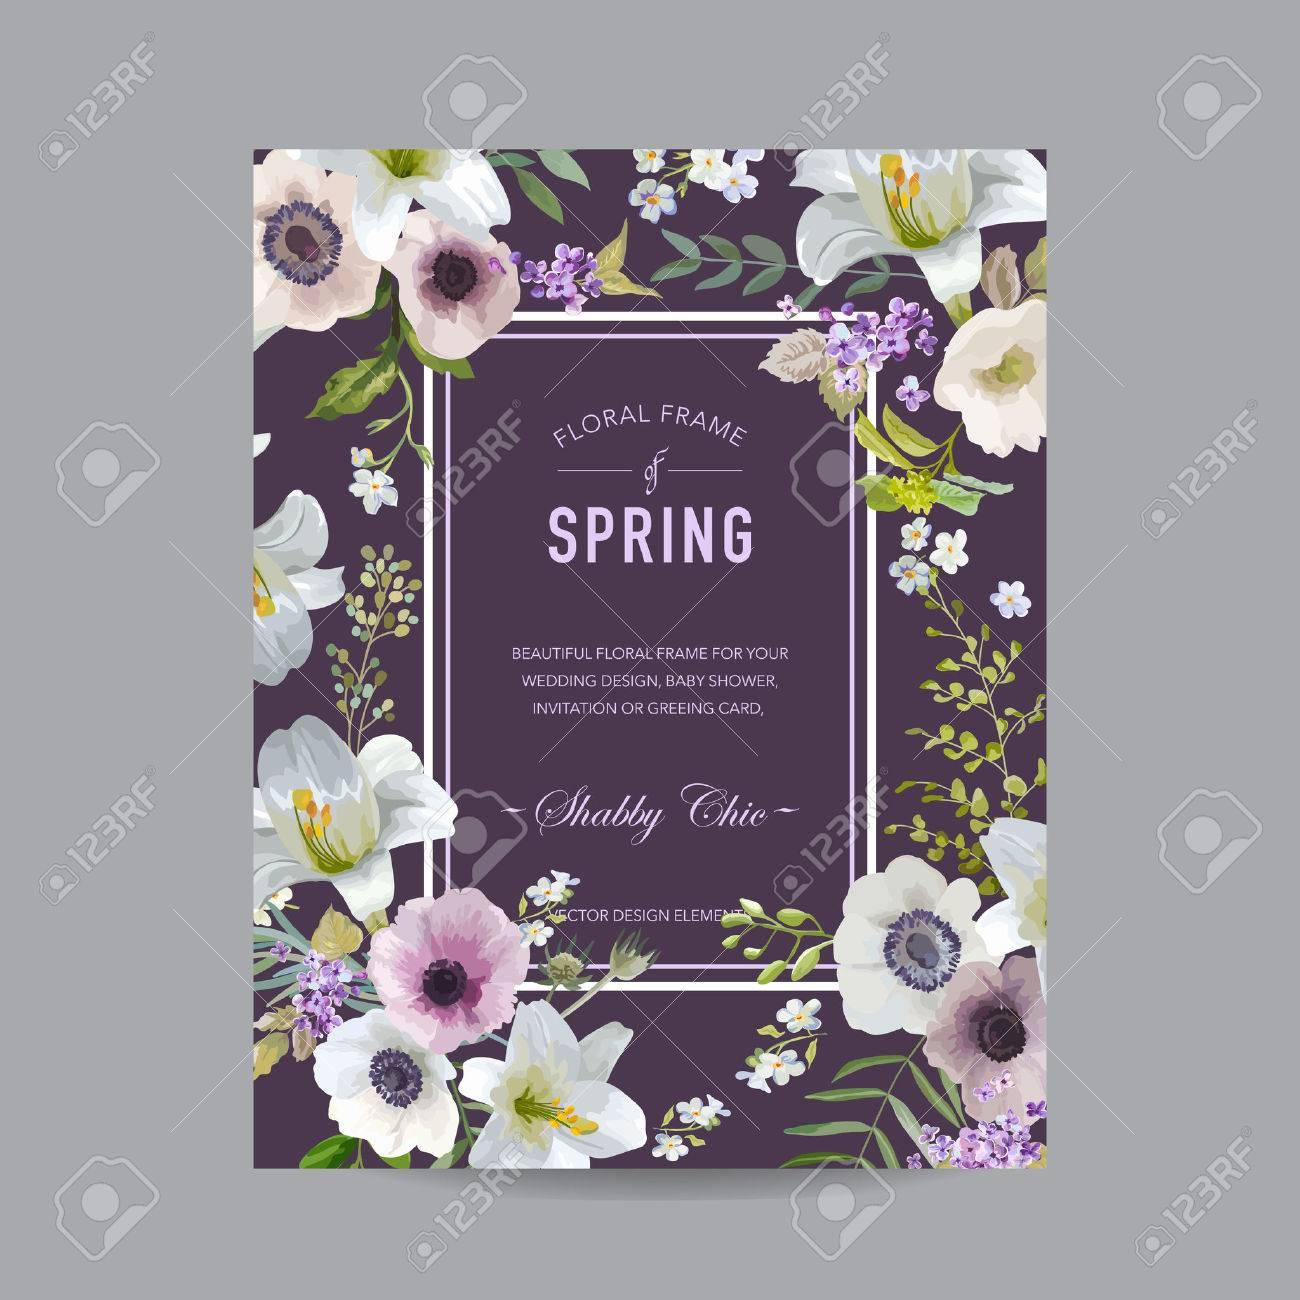 Toll Vintage Blumen Bunte Frame   Lilien Und Anemonen   Für Einladung, Hochzeit,  Baby